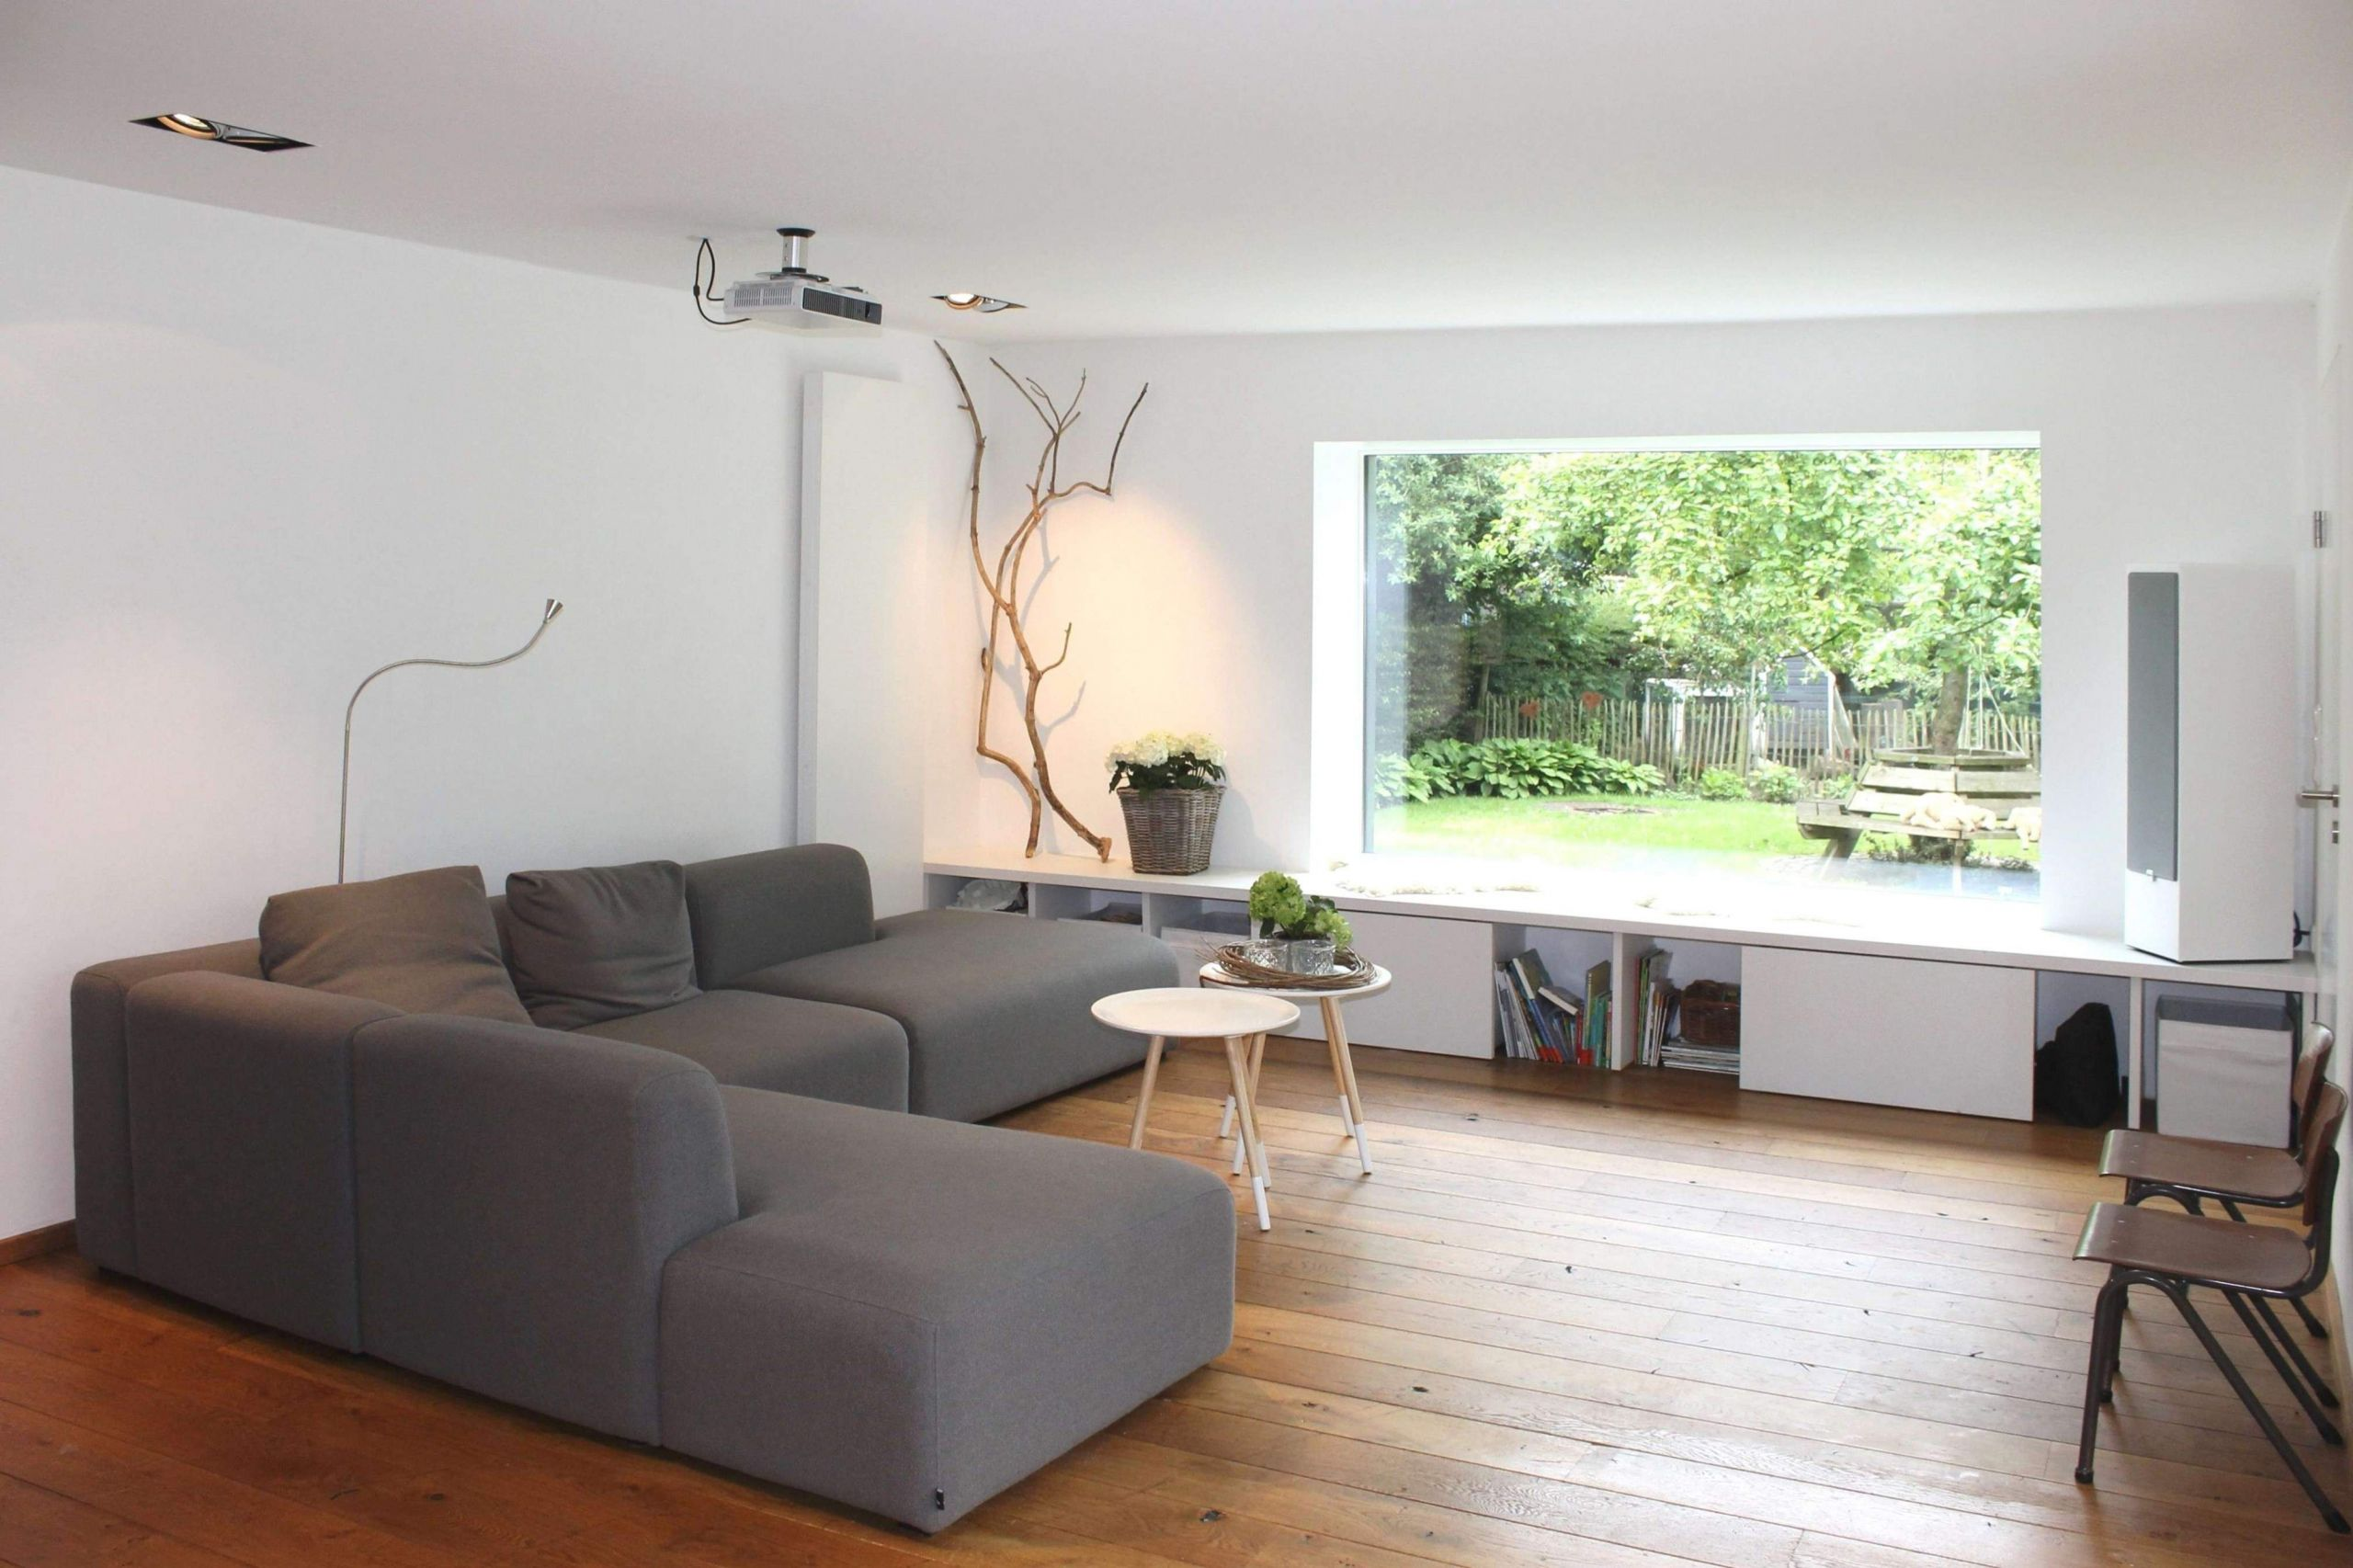 sitzmobel wohnzimmer frisch ofen 2019 07 of sitzmobel wohnzimmer scaled